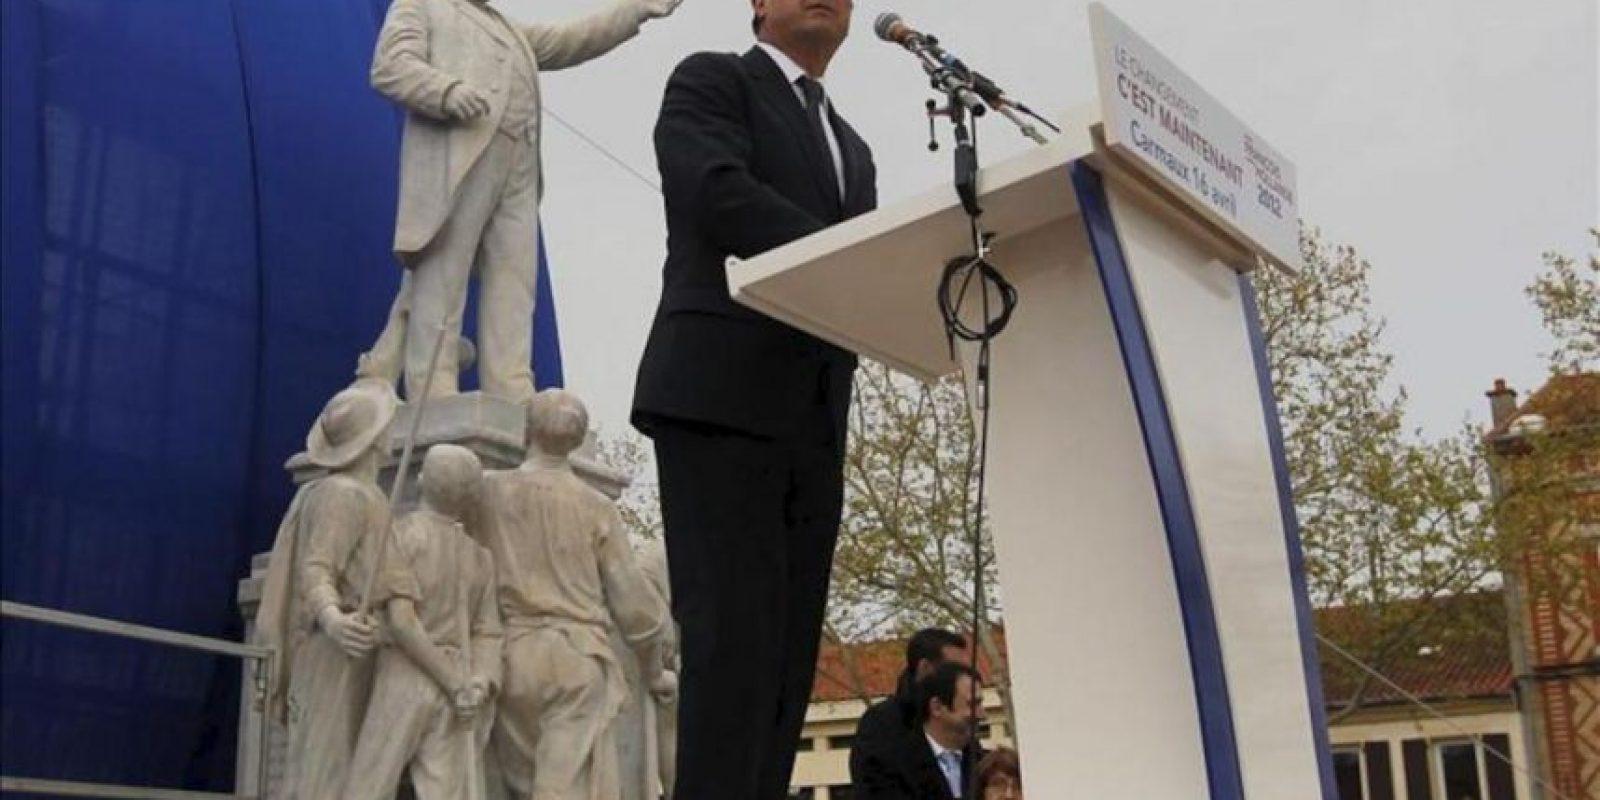 El candidato socialista a la presidencia francesa, Francois Hollande da un discurso a lado de la estatua de Jean Jaures durante un acto electoral celebrado en Carmaux, al sur de Francia. EFE